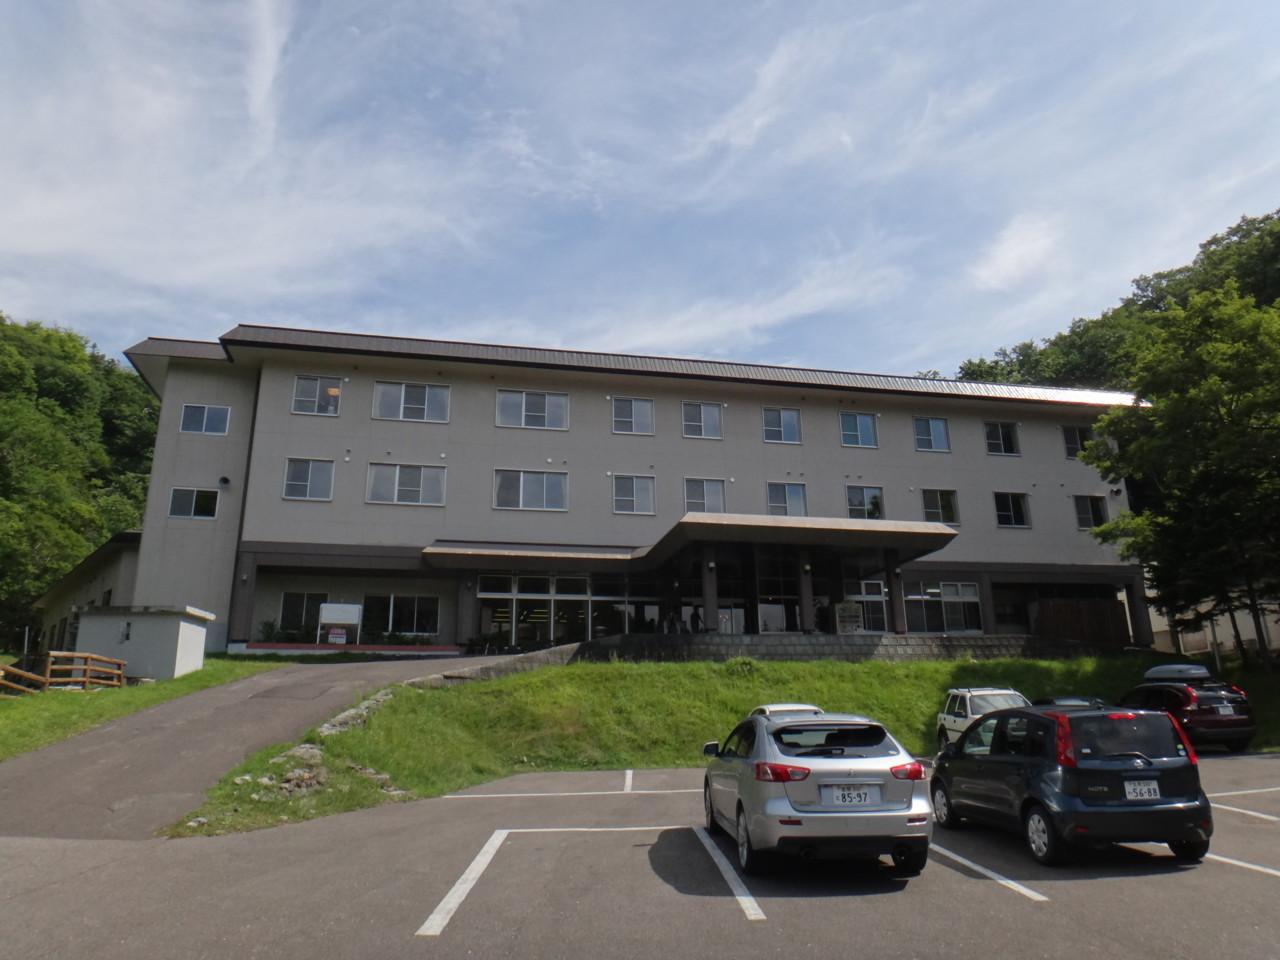 岩尾別温泉 ホテル地の涯